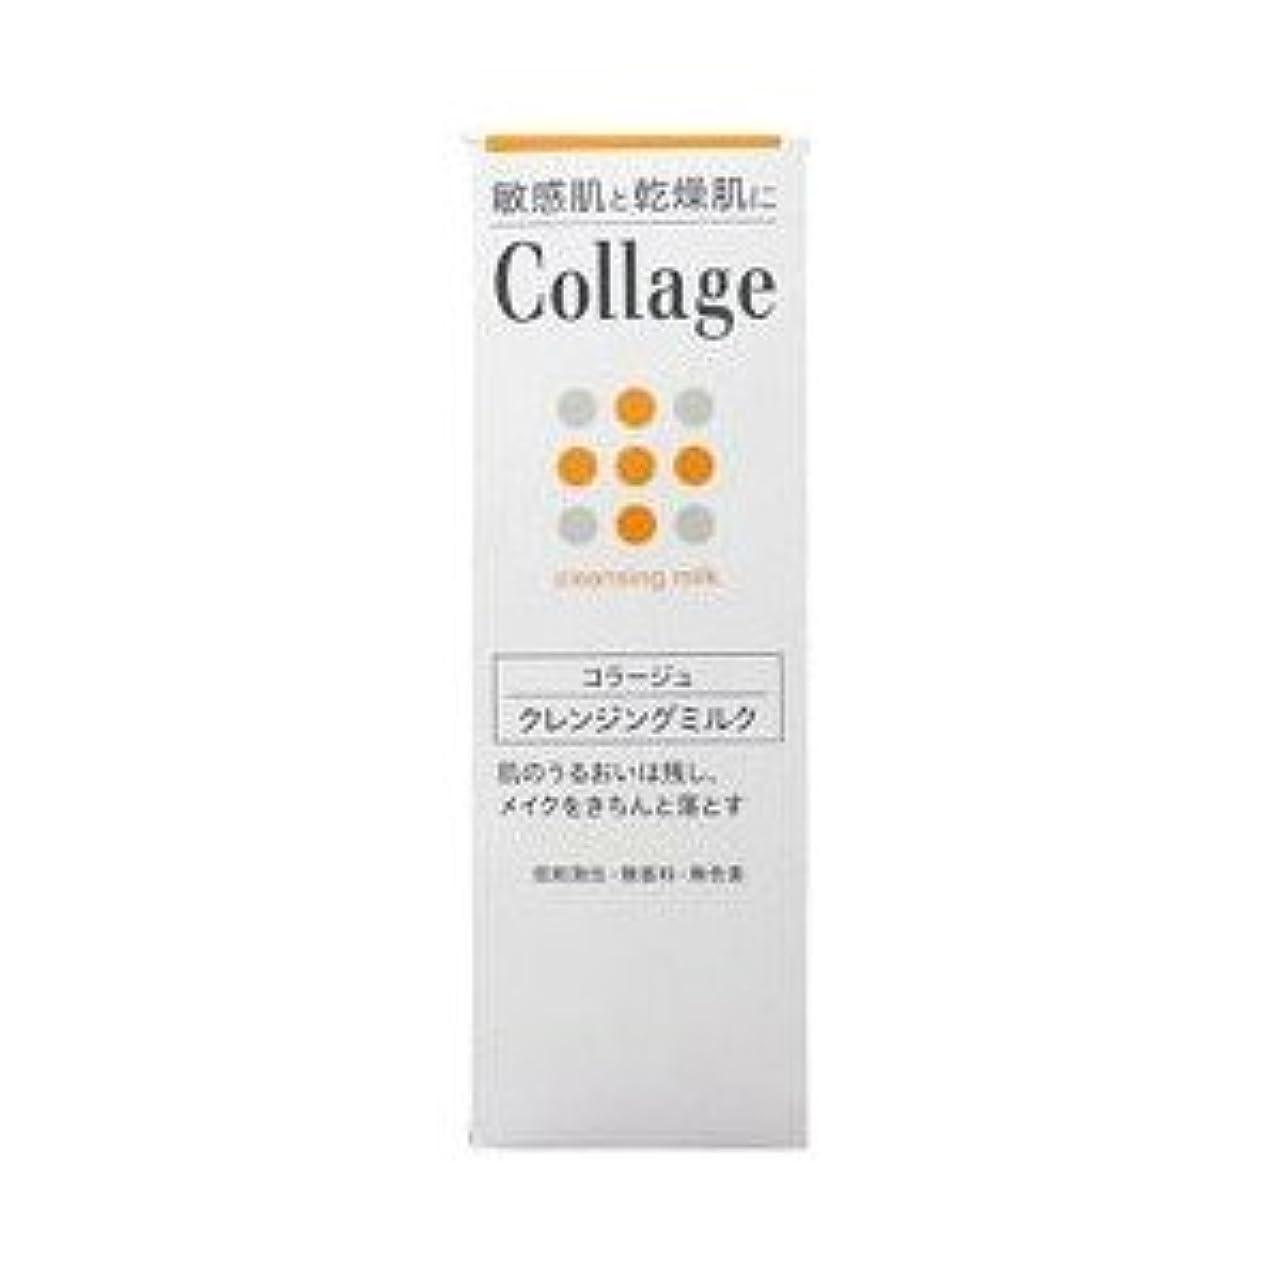 滑りやすい親指やさしい(持田ヘルスケア)コラージュ クレンジングミルク 100g(お買い得3個セット)